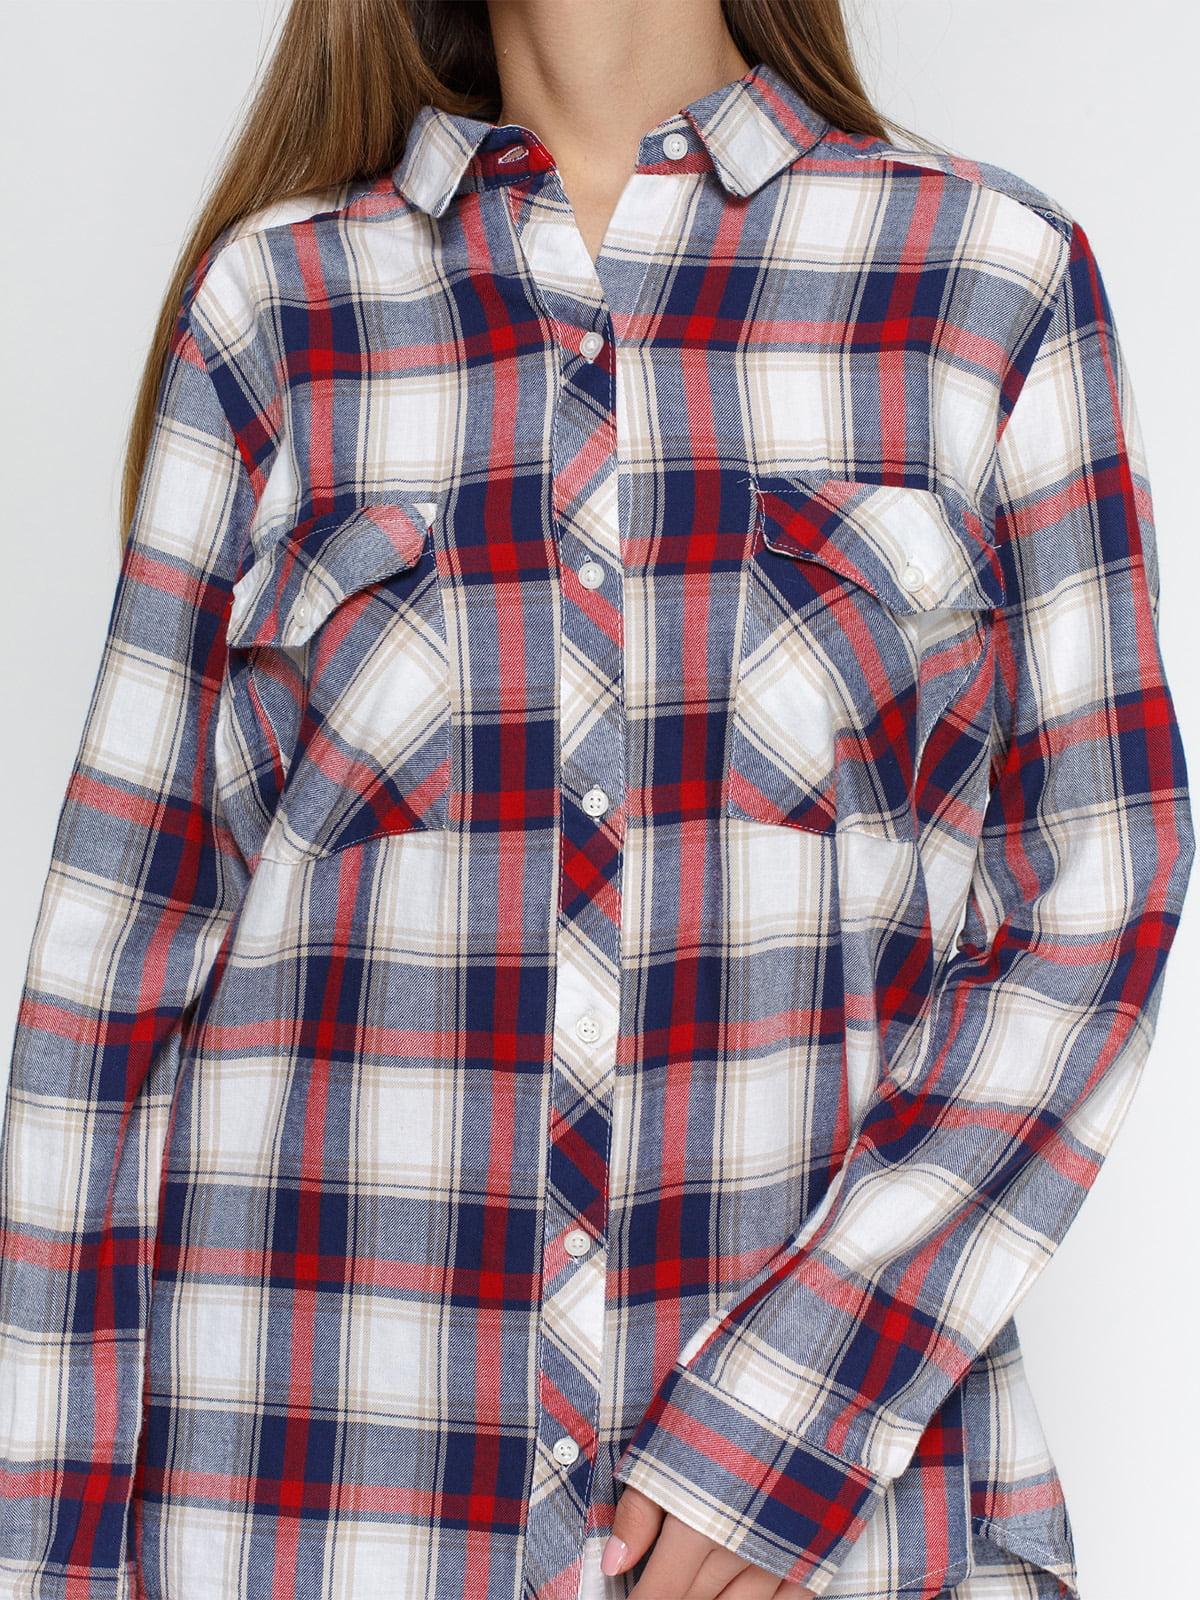 Рубашка клетчатая   4628242   фото 3